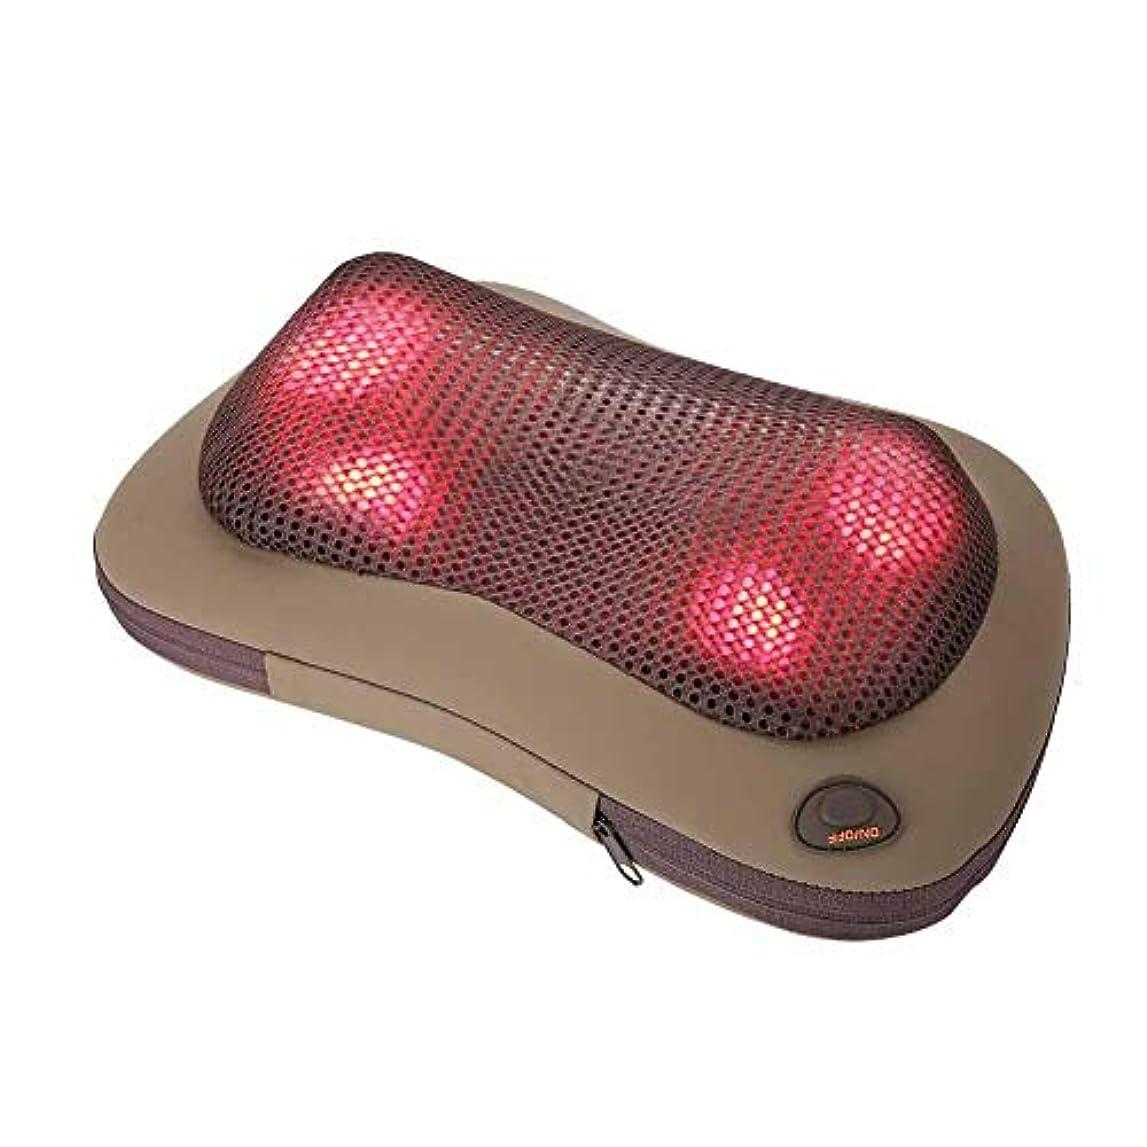 伴う不名誉なコンデンサー携帯用 電気マッサージ 枕 暖房療法 首 ウエスト 足 腕 マッサージ用具(グレー)